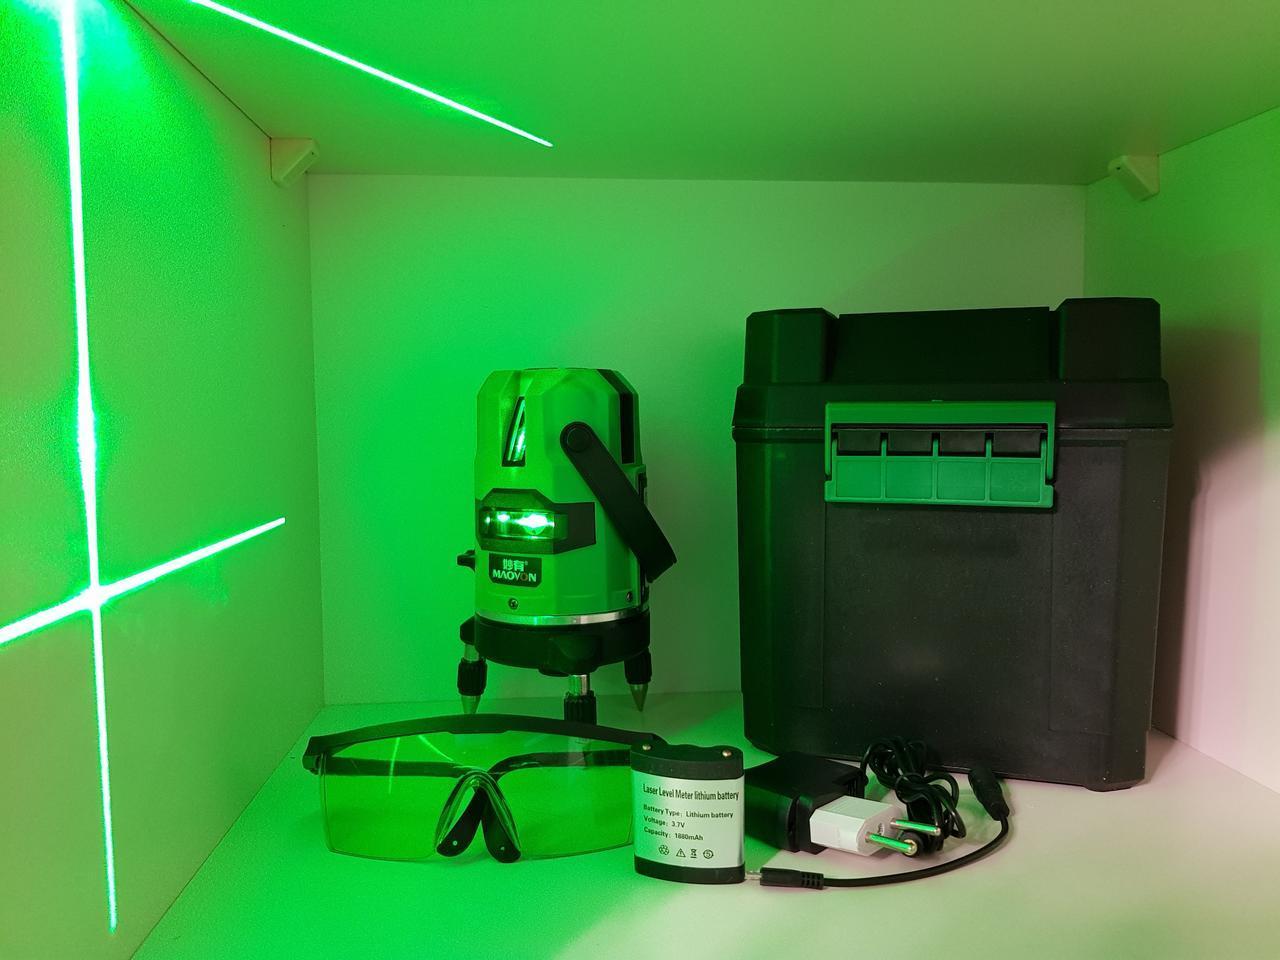 Зеленый луч>50м☀> Лазерный нивелир MAOVON☀В ПОДАРОК LI-ion аккумулятор☀